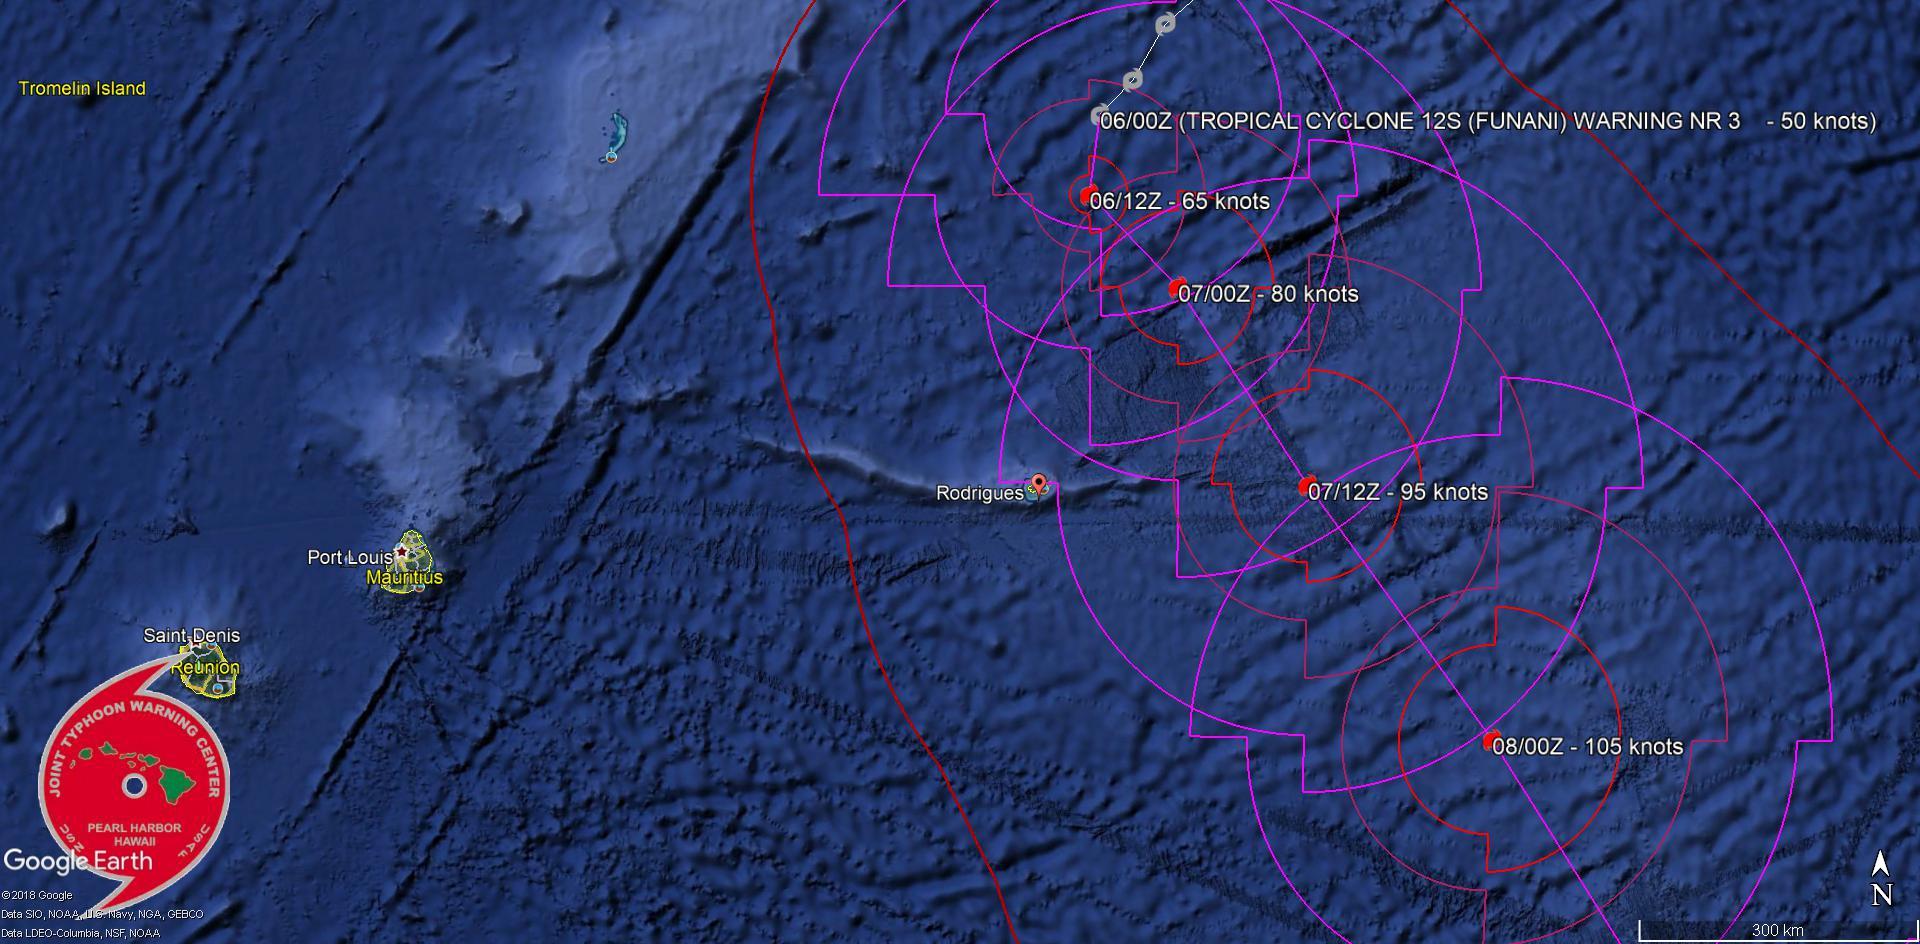 """Trajectoire et intensité prévues par le JTWC pour FUNANI(12S). Le centre du système pourrait passer à 215km de Rodrigues demain. Le système serait alors un cyclone tropical. """"tropical cyclone"""" est le terme scientifique en anglais qui englobe les dépressions, tempêtes et cyclones tropicaux."""